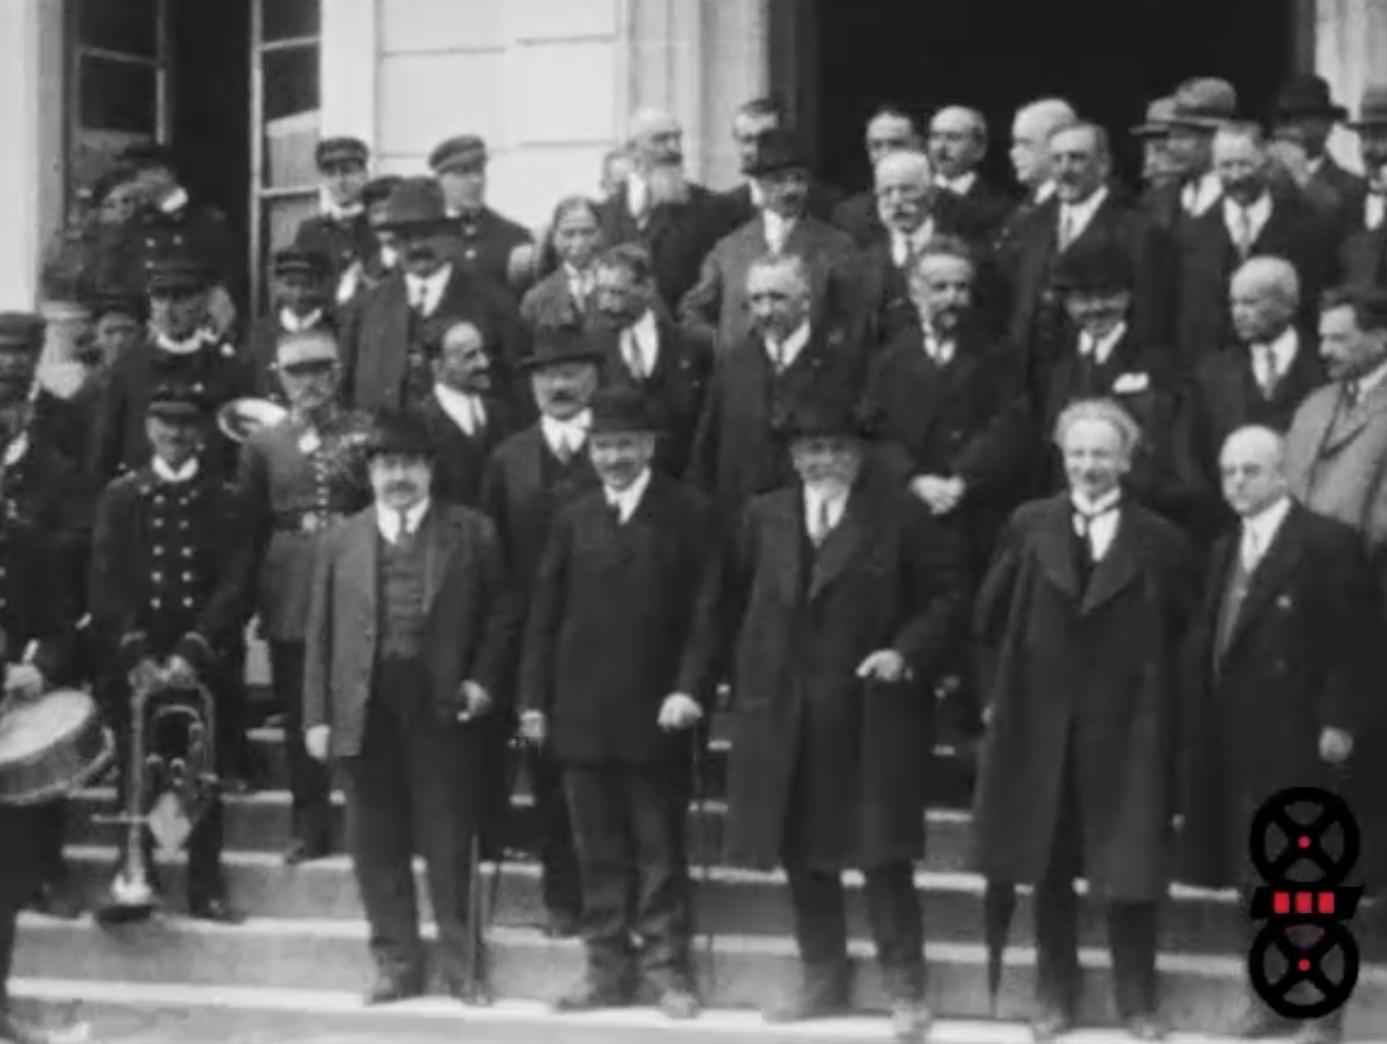 Thoiry, Fête en l'honneur du Sénateur Albert Fouilloux avec M. Painlevé Ministre, 21 avril 1929